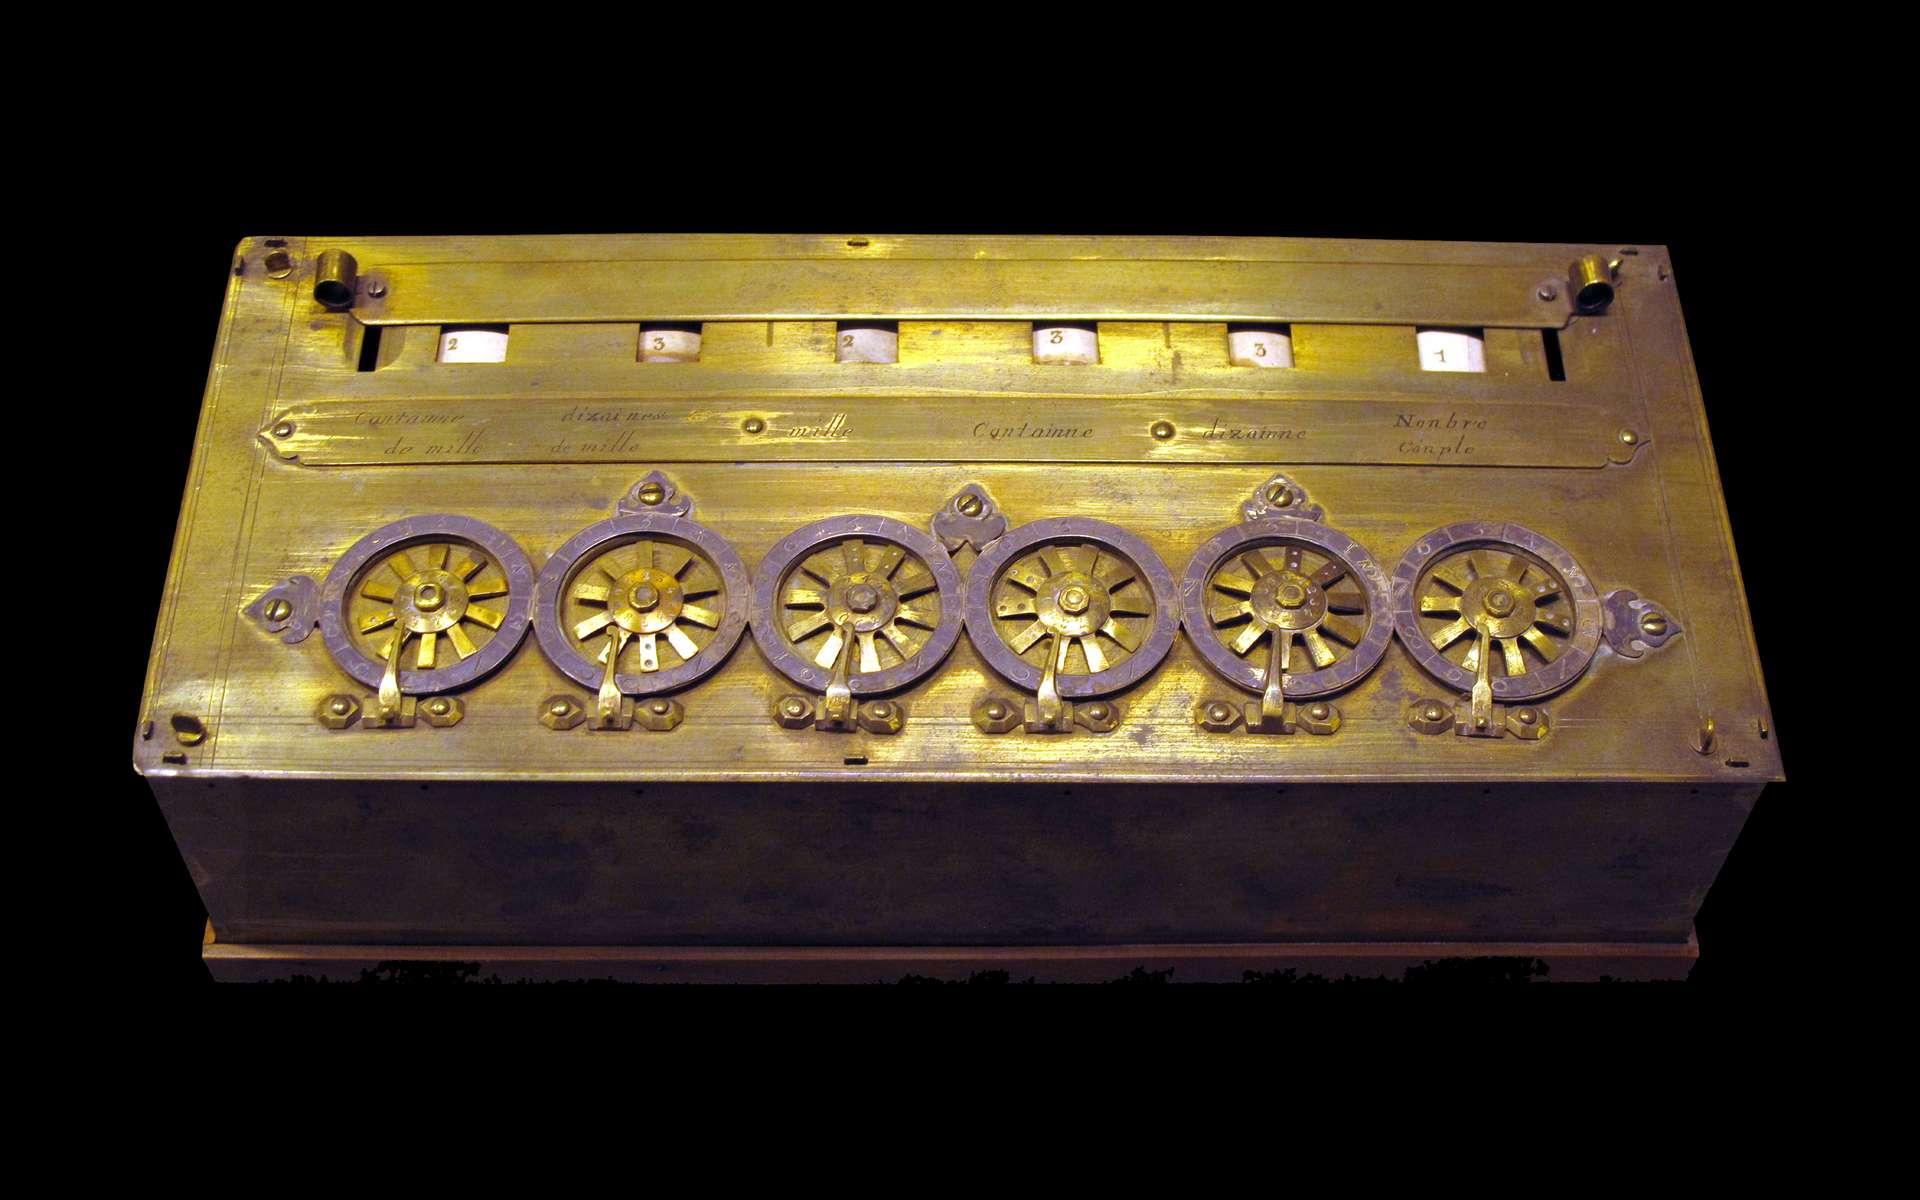 Une version de la pascaline sans sols ni deniers. © Musée des Arts et Métiers